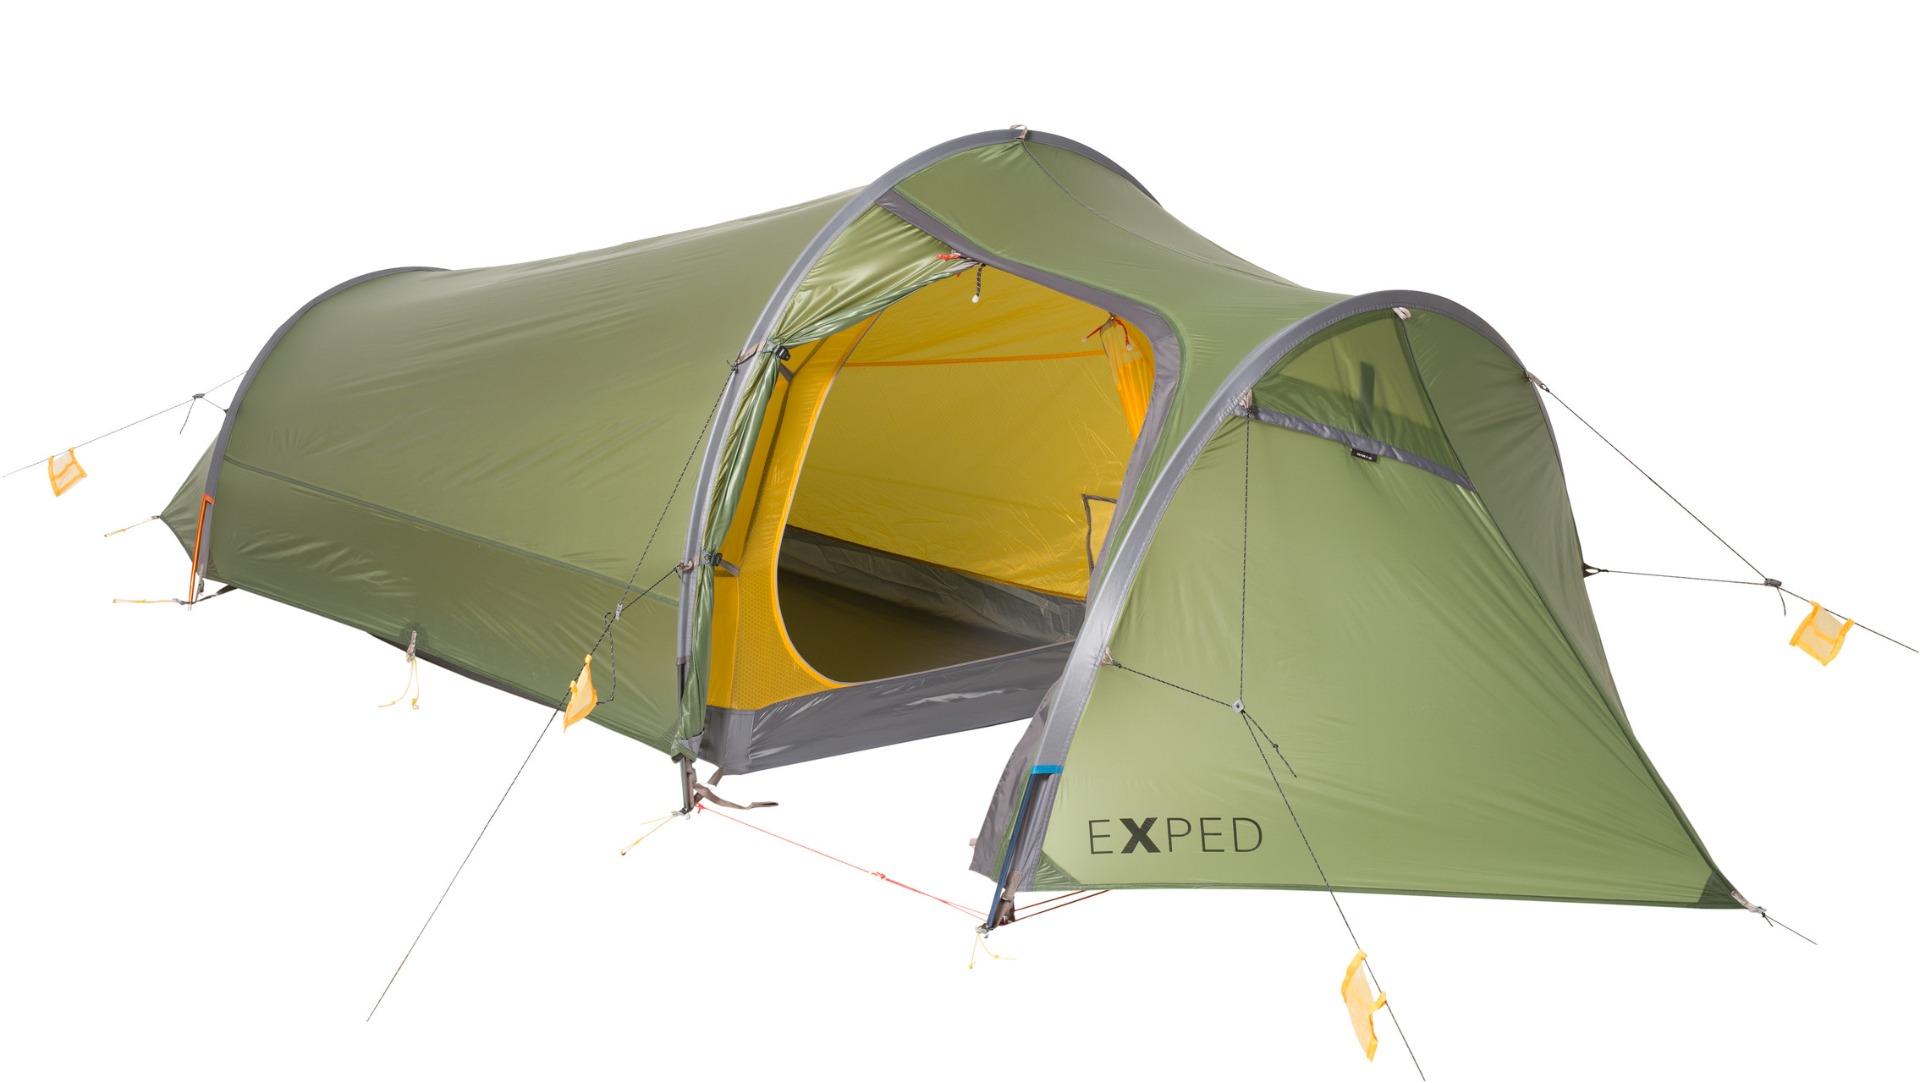 Exped Cetus III UL 3 Personen Zelt | Versandkostenfrei